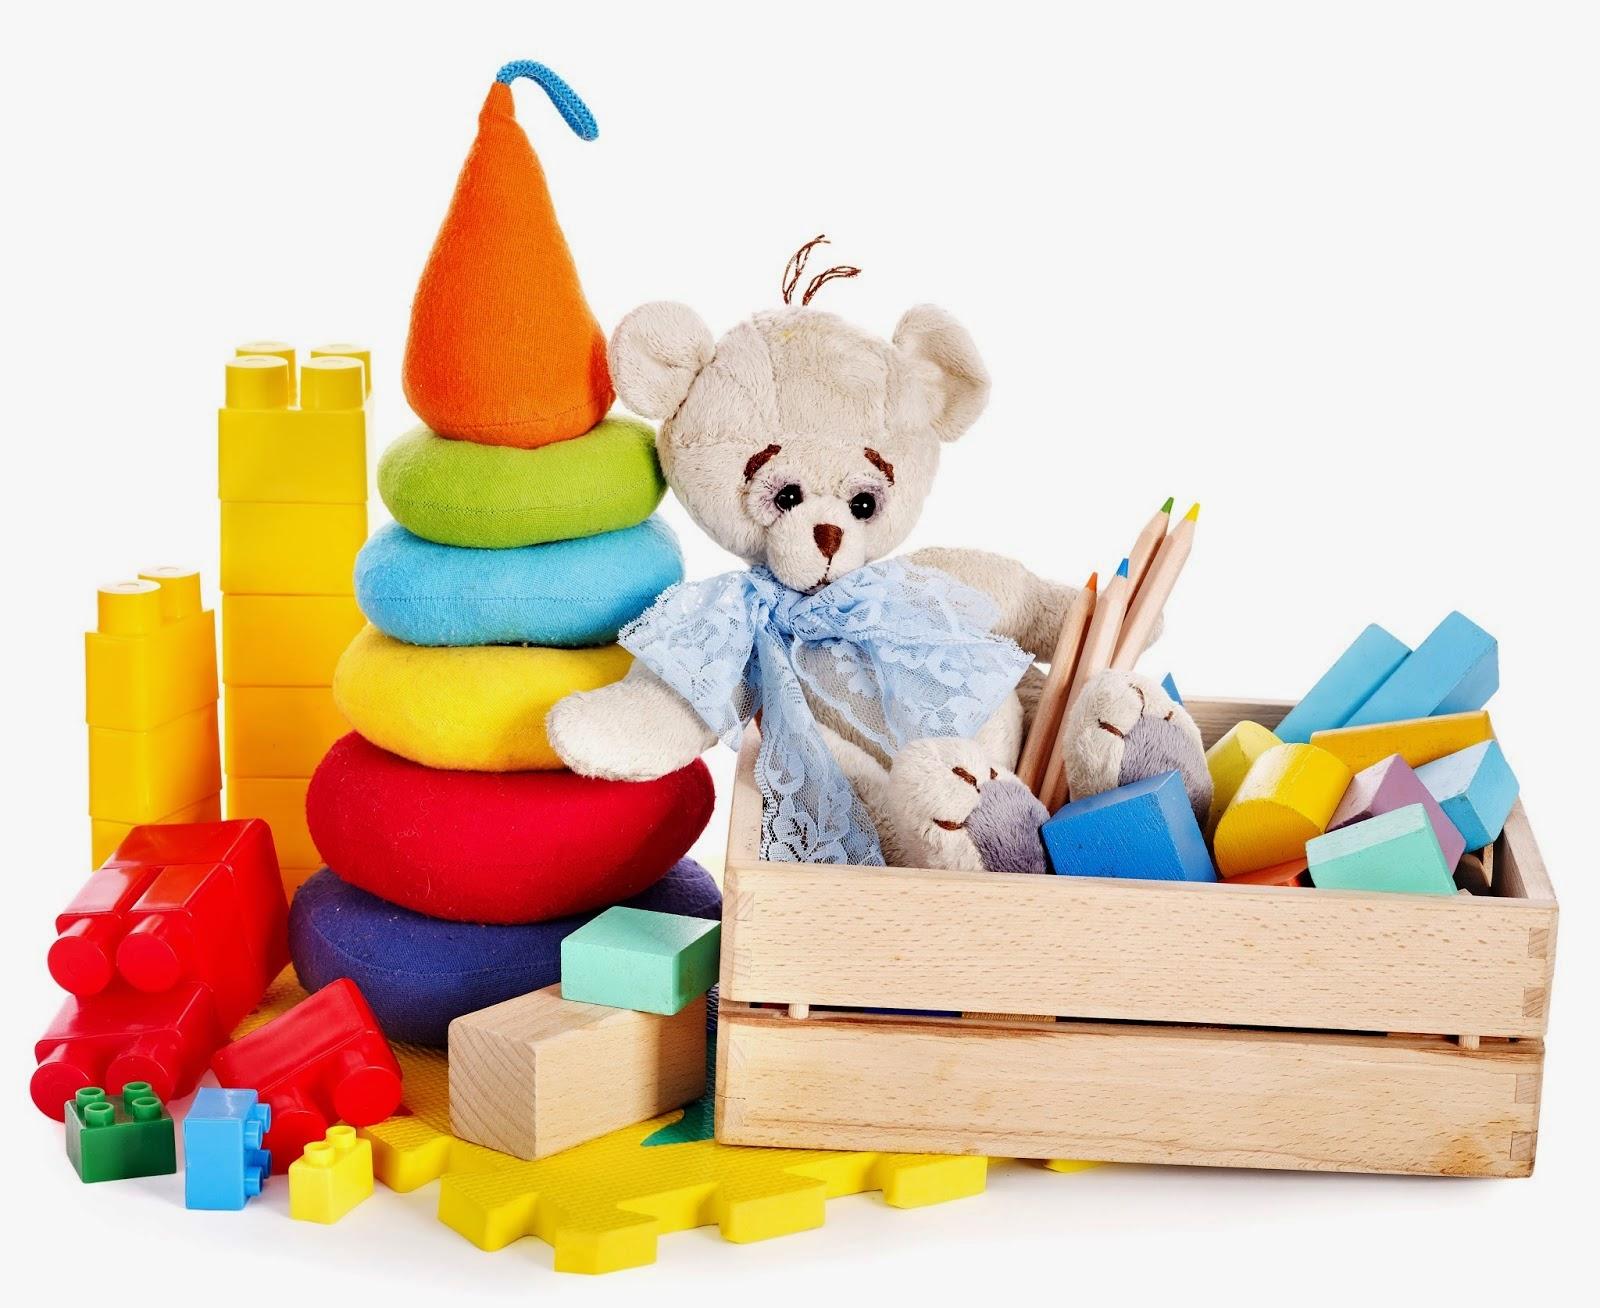 картинки с игрушками для занятий с детьми